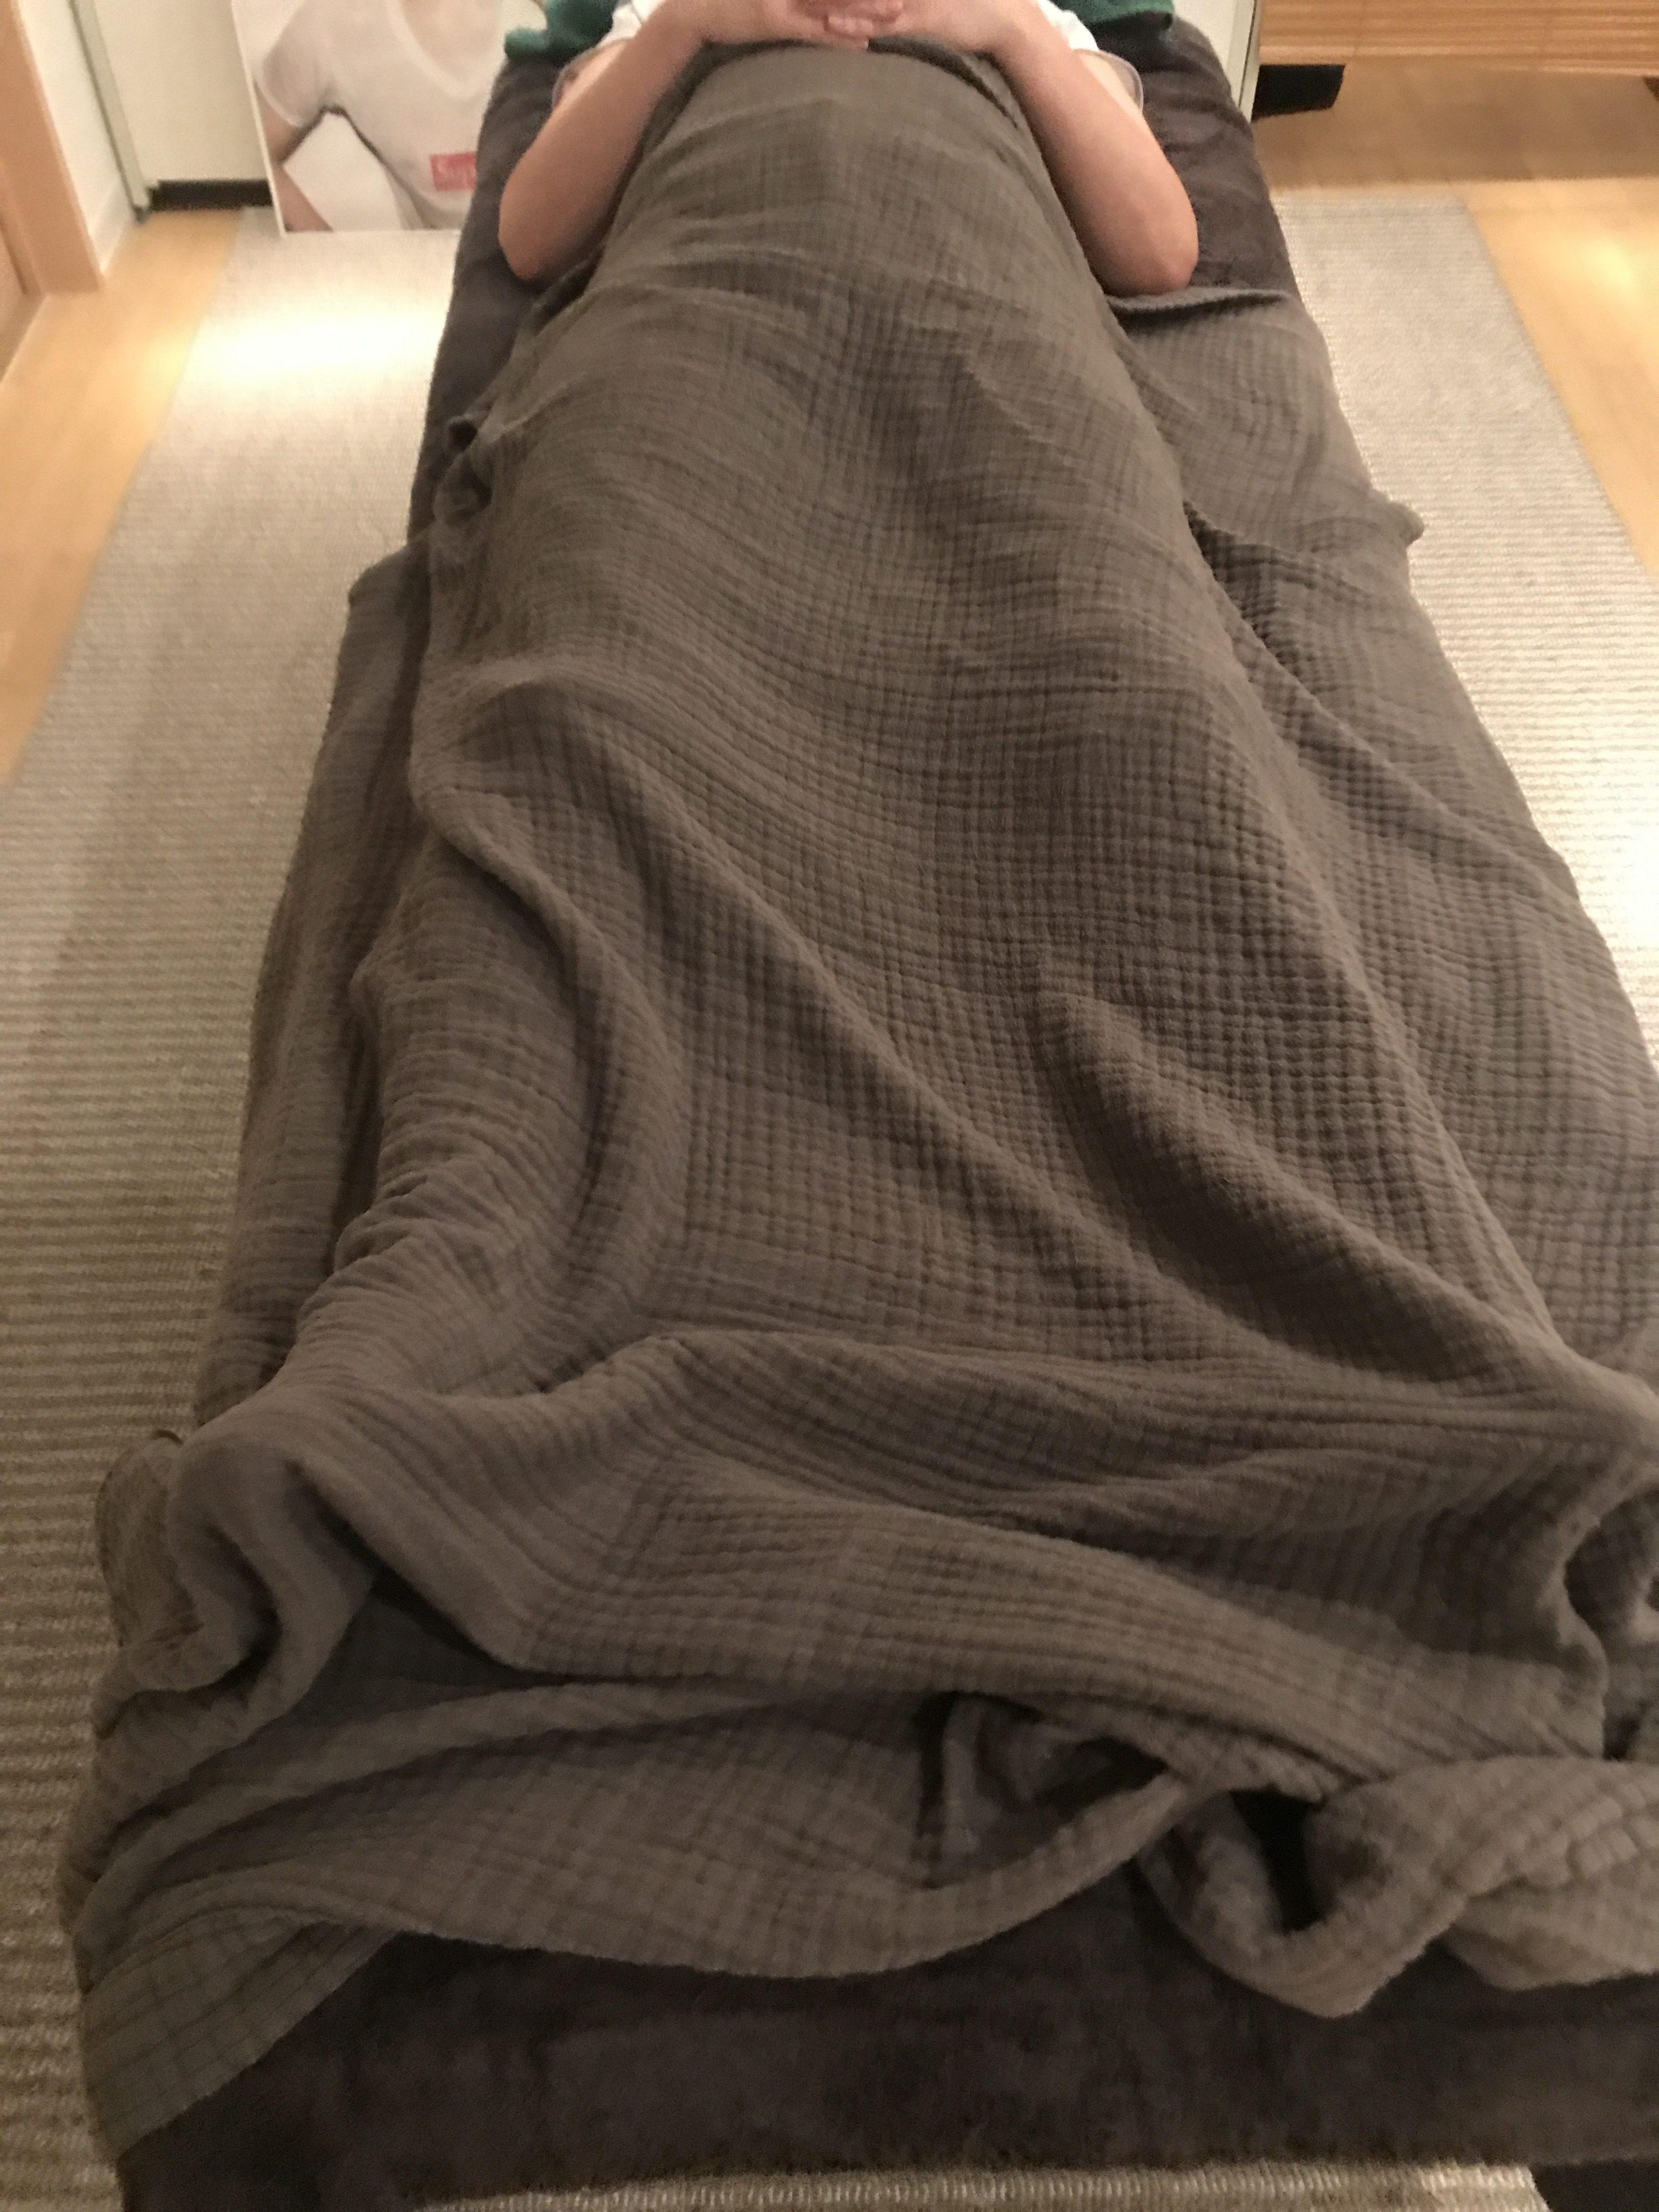 股関節の激痛で歩けなくなったという、練馬区江古田在住の方の症例